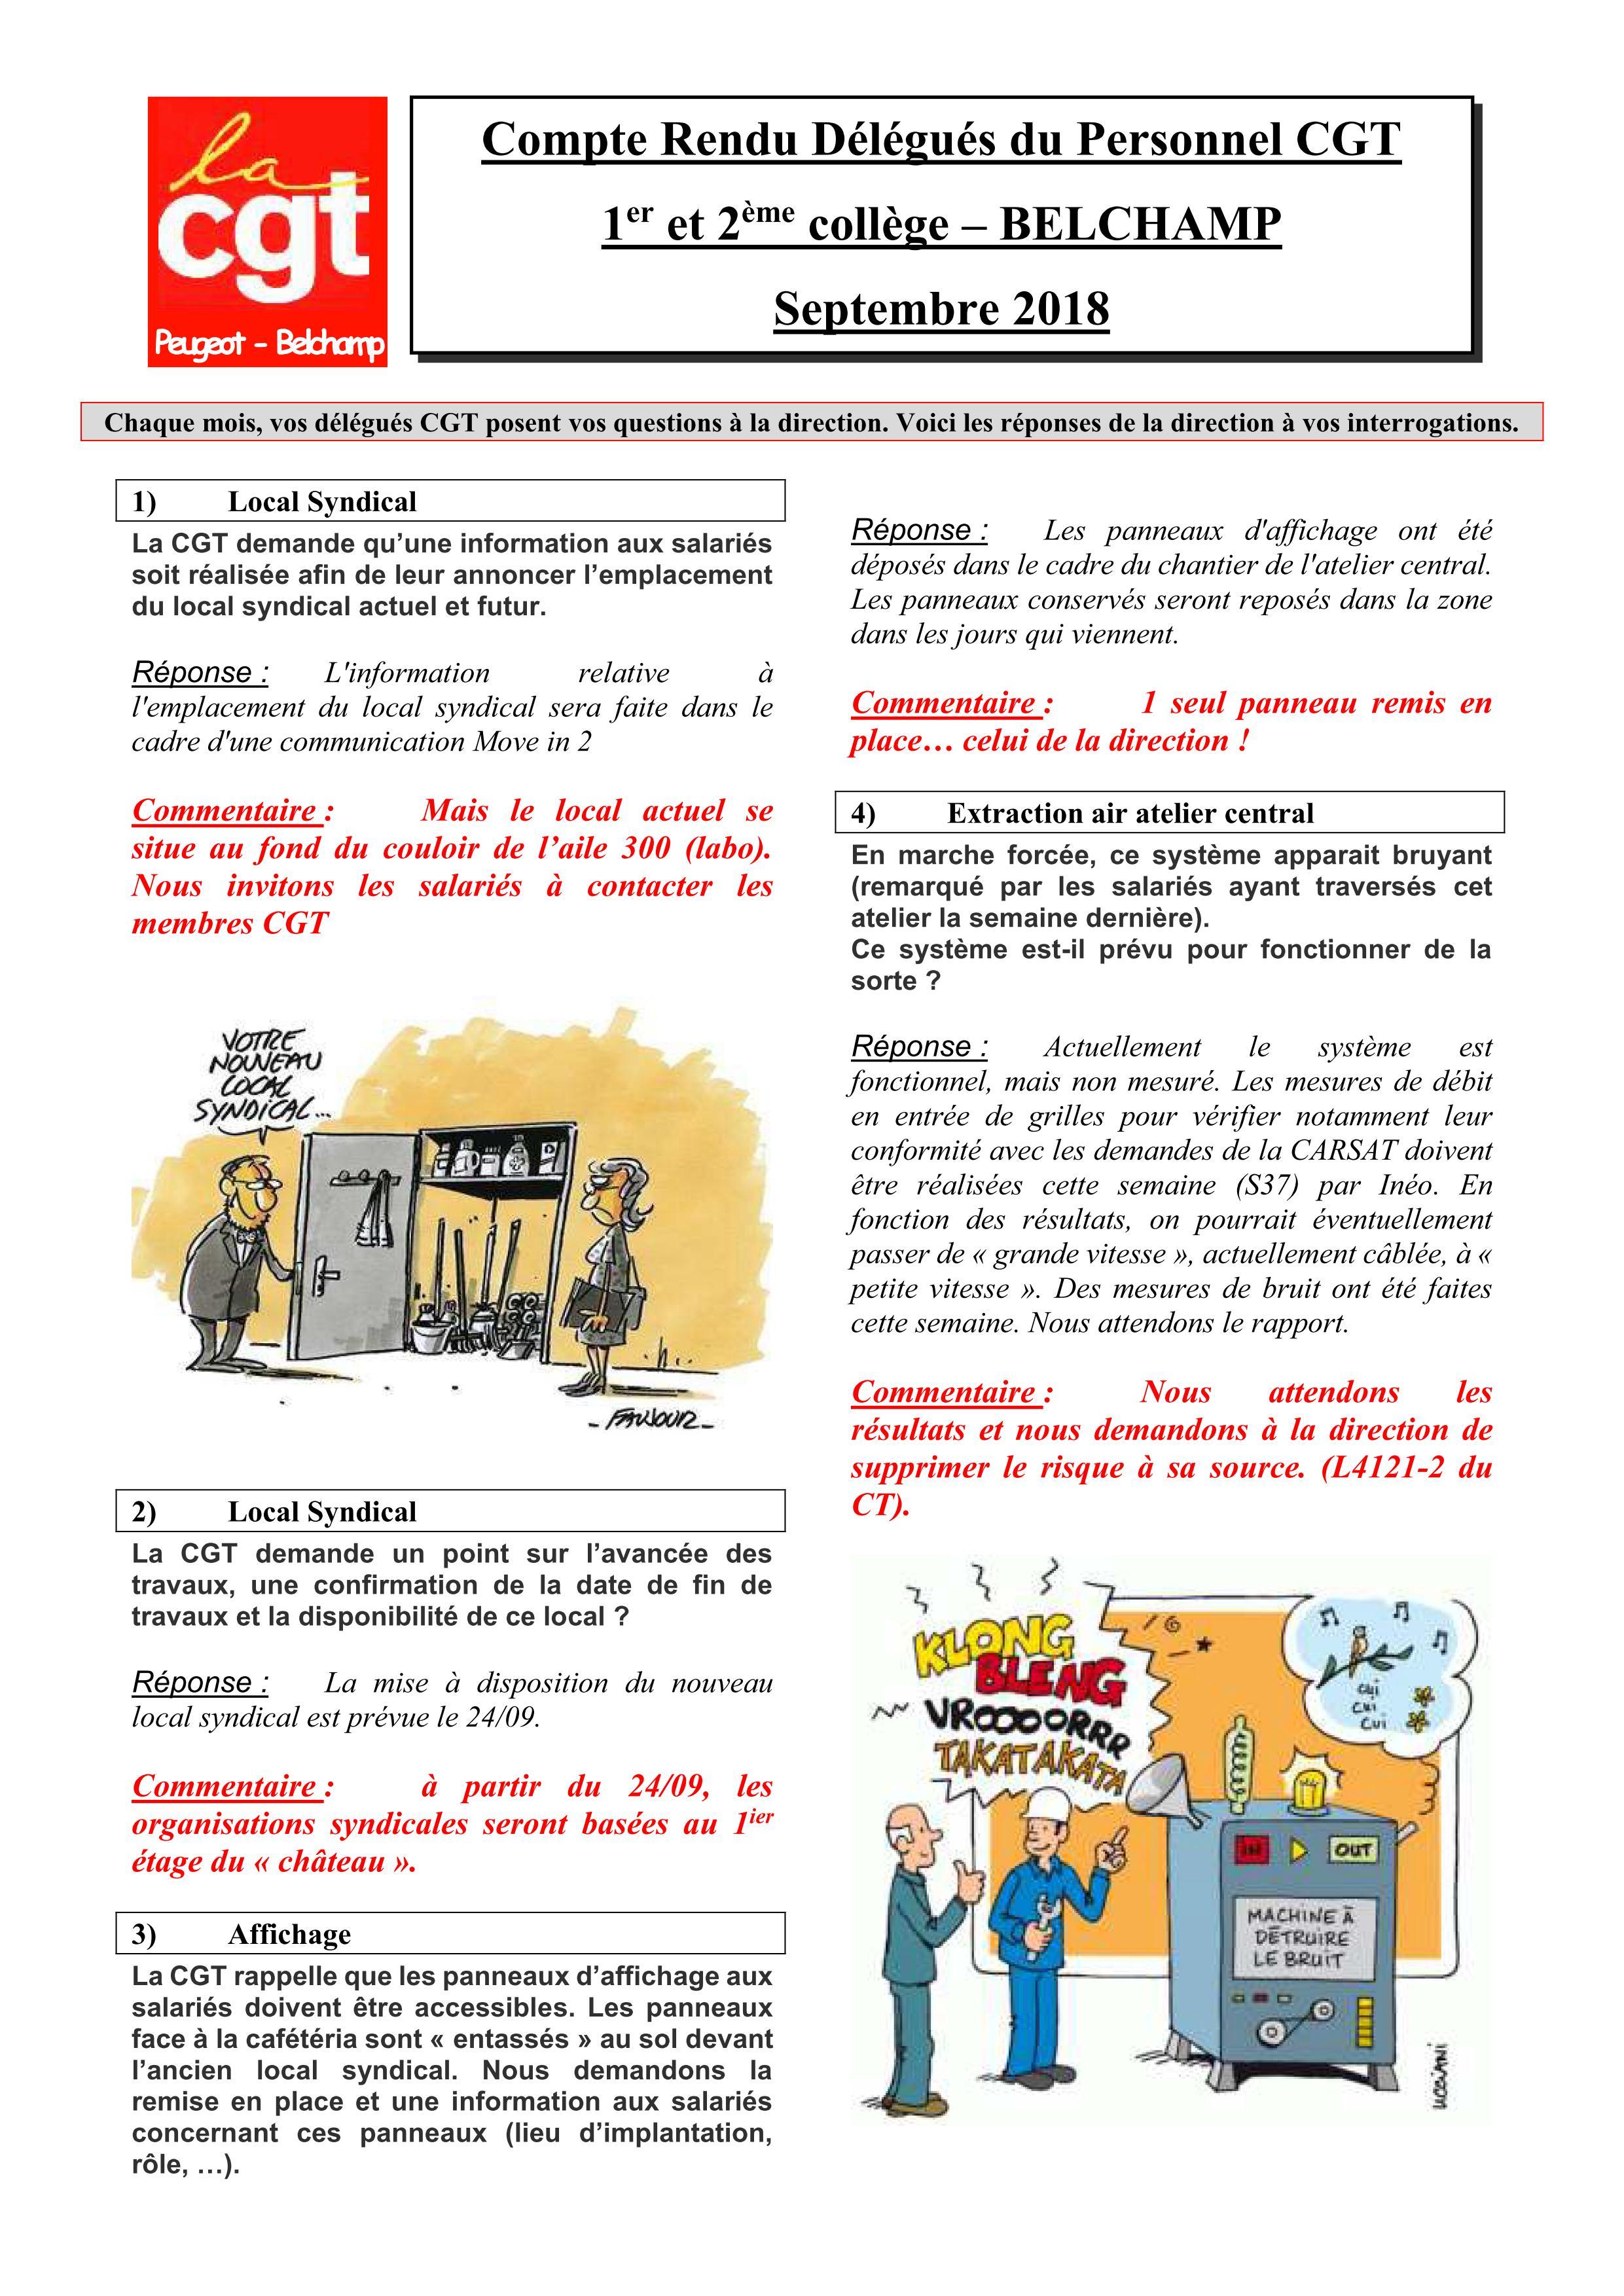 Tract 2018 Section Belchamp Compte Rendu Des Delegues Du